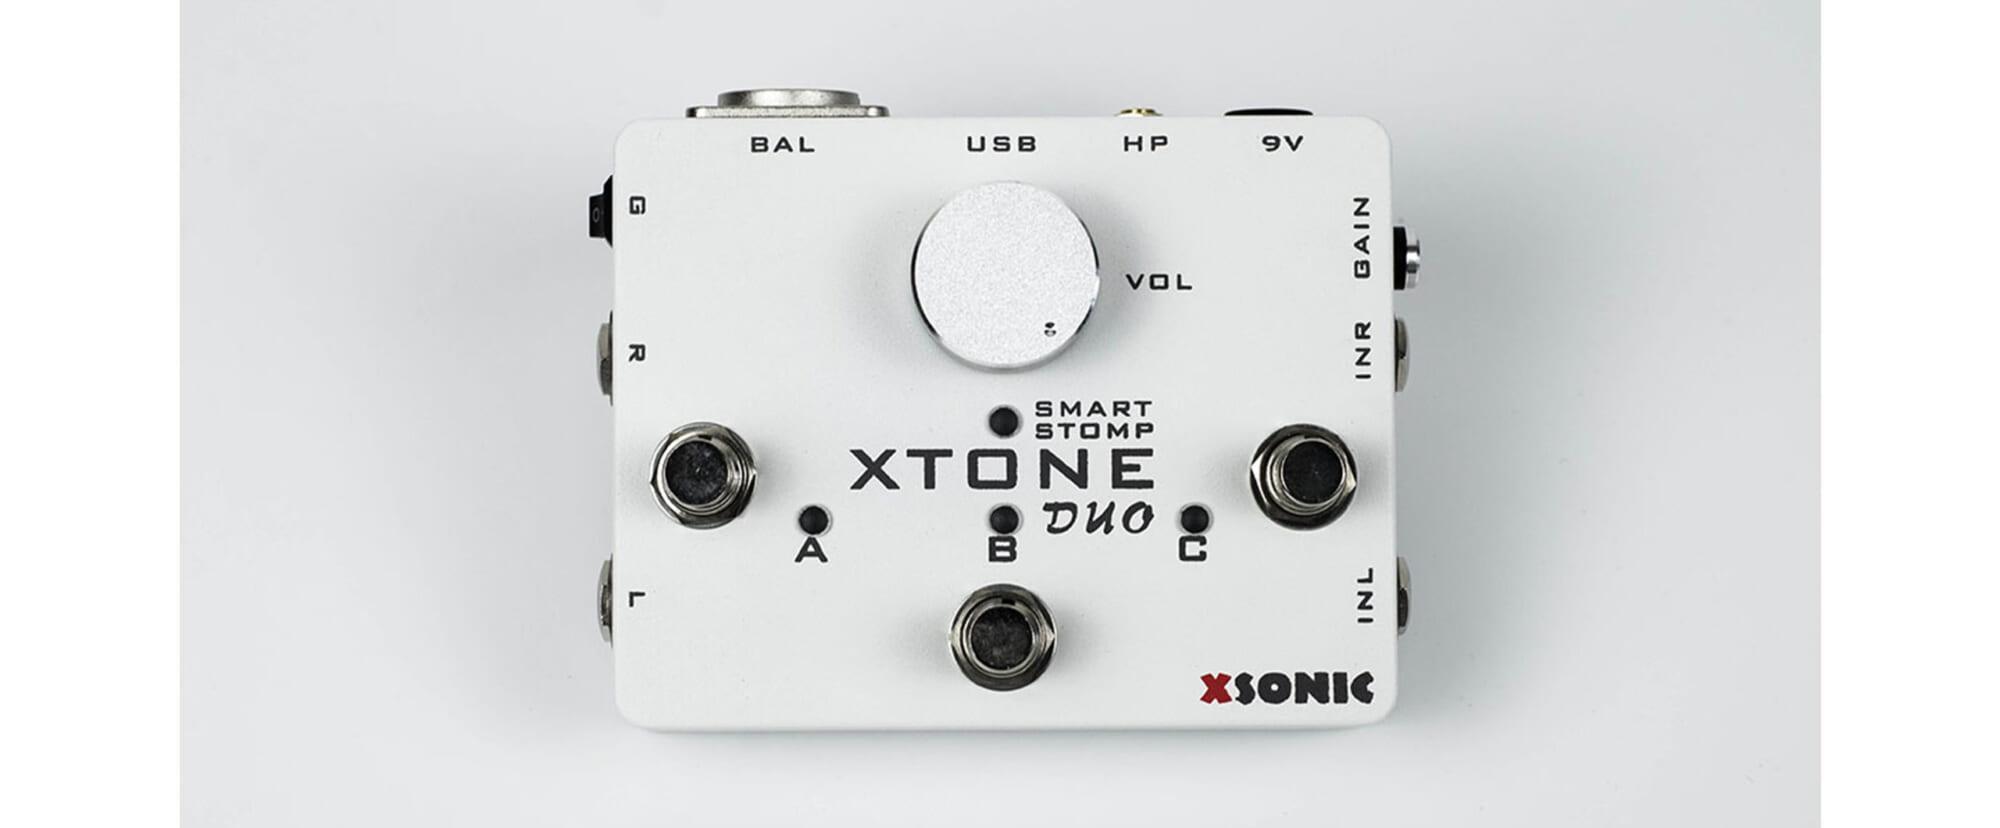 ギター用アプリをコントロールするのに最適な、XSONICのペダル型インターフェイス/コントローラー